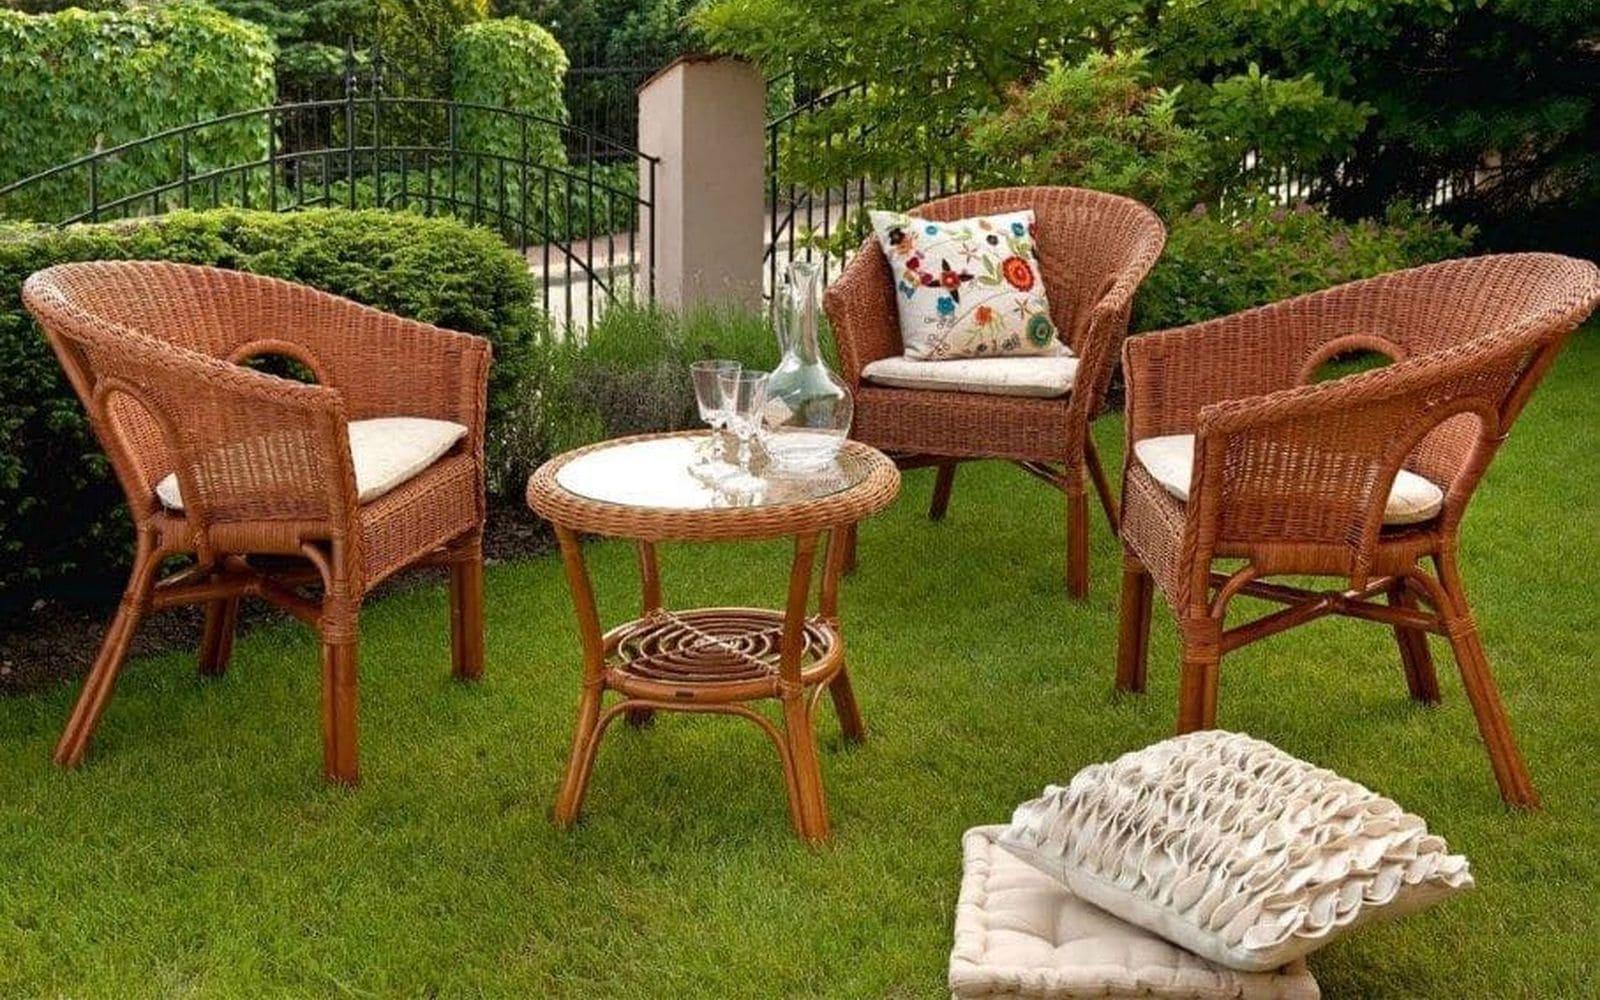 мебель из ротанга на веранде, мебель из ротанга для сада